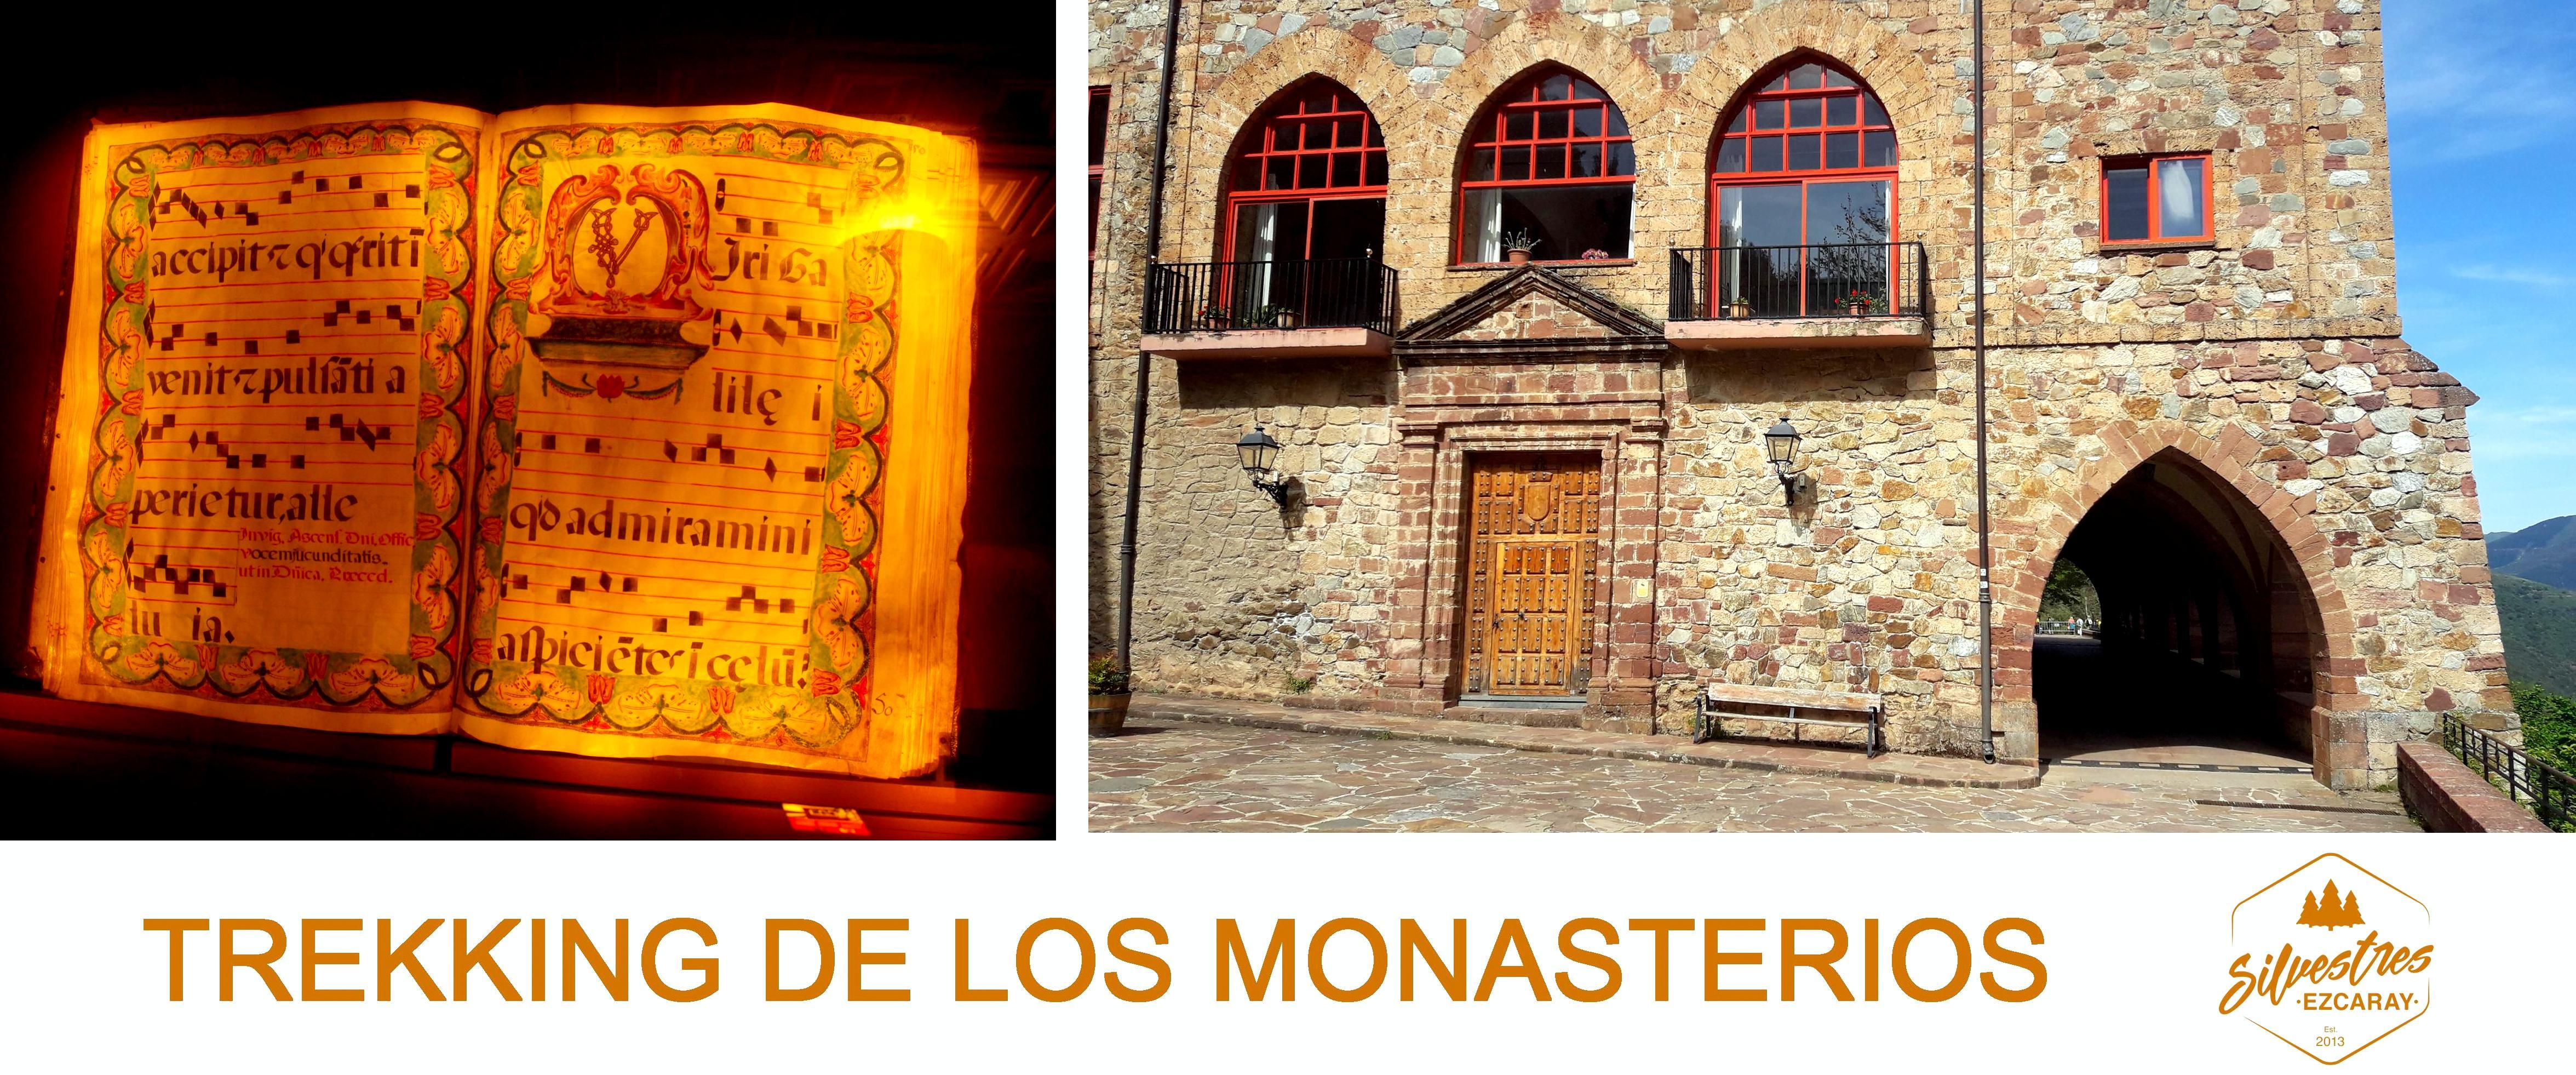 monasterios_valvanera_san_millan_la_rioja_senderismo